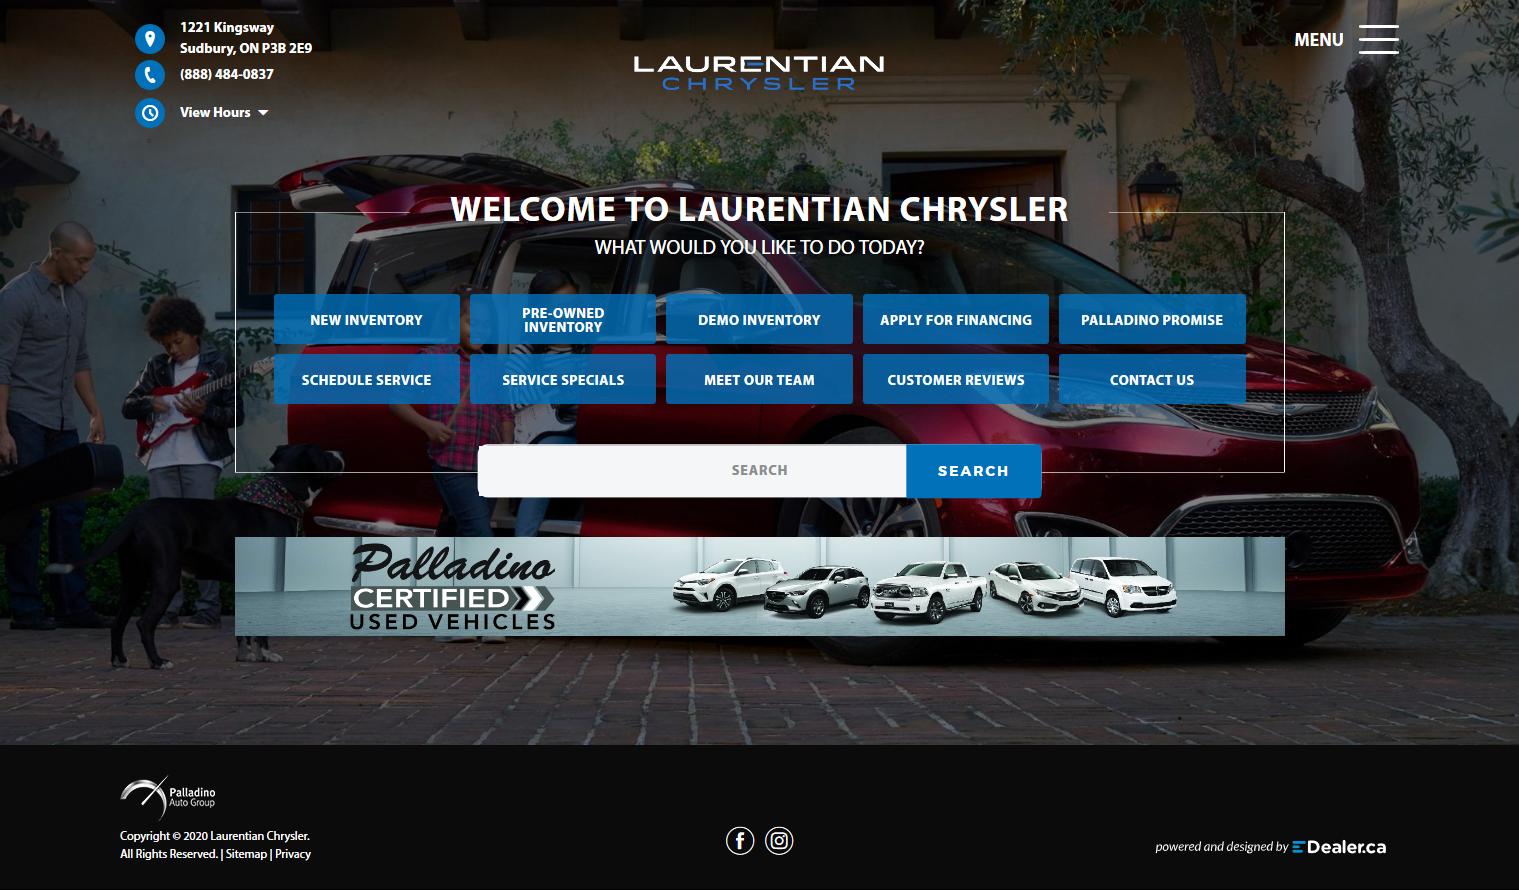 Laurentian Chrysler